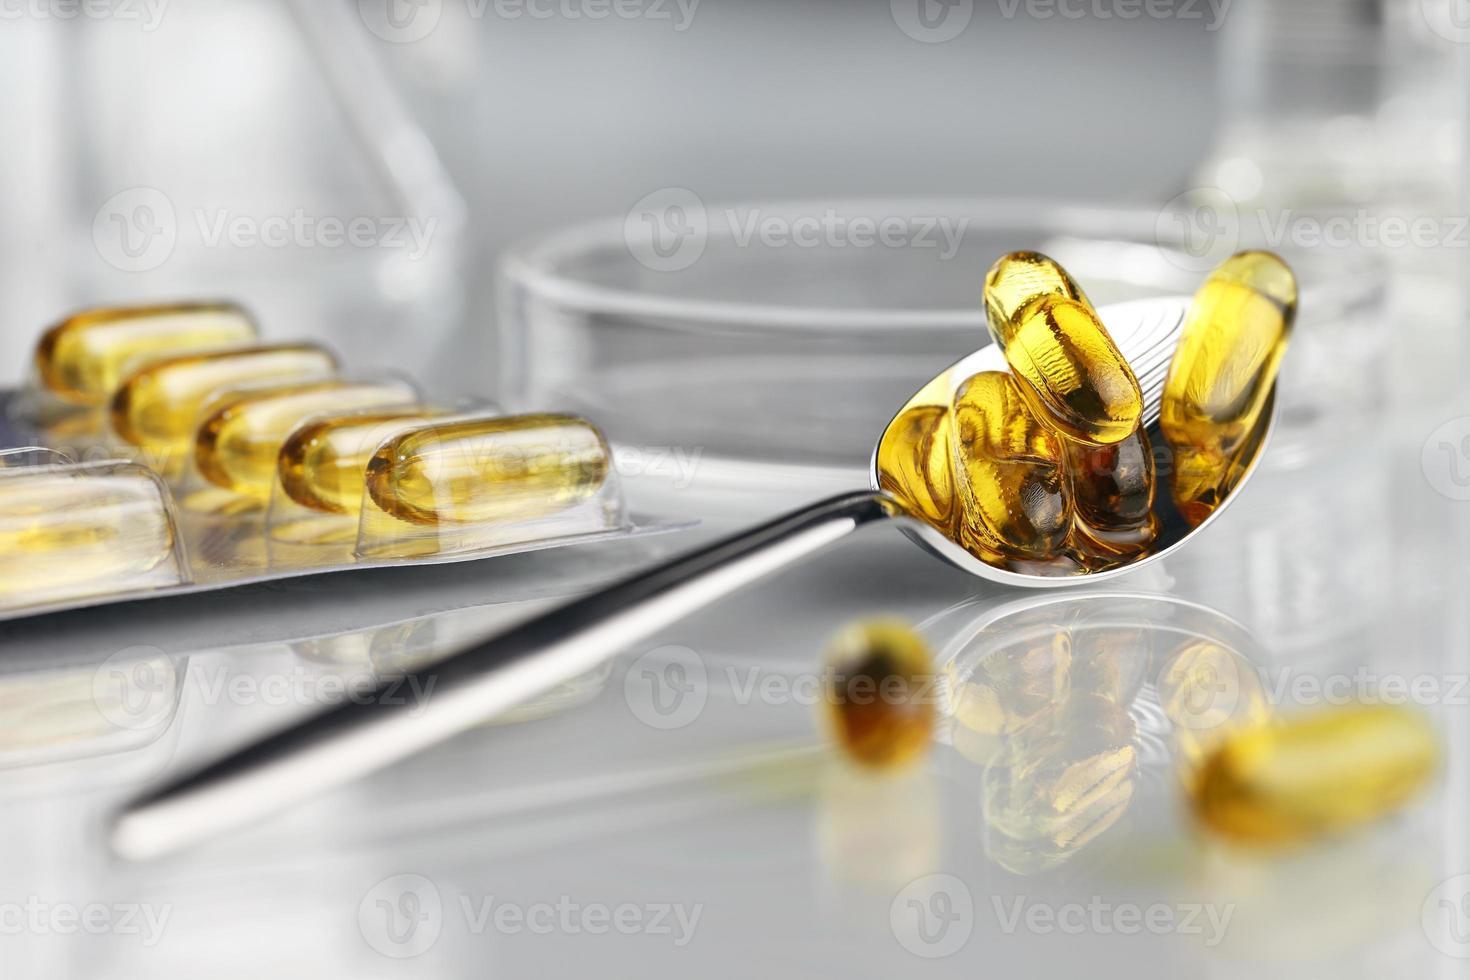 cuillère vitamines pilules oméga 3 suppléments avec blister photo